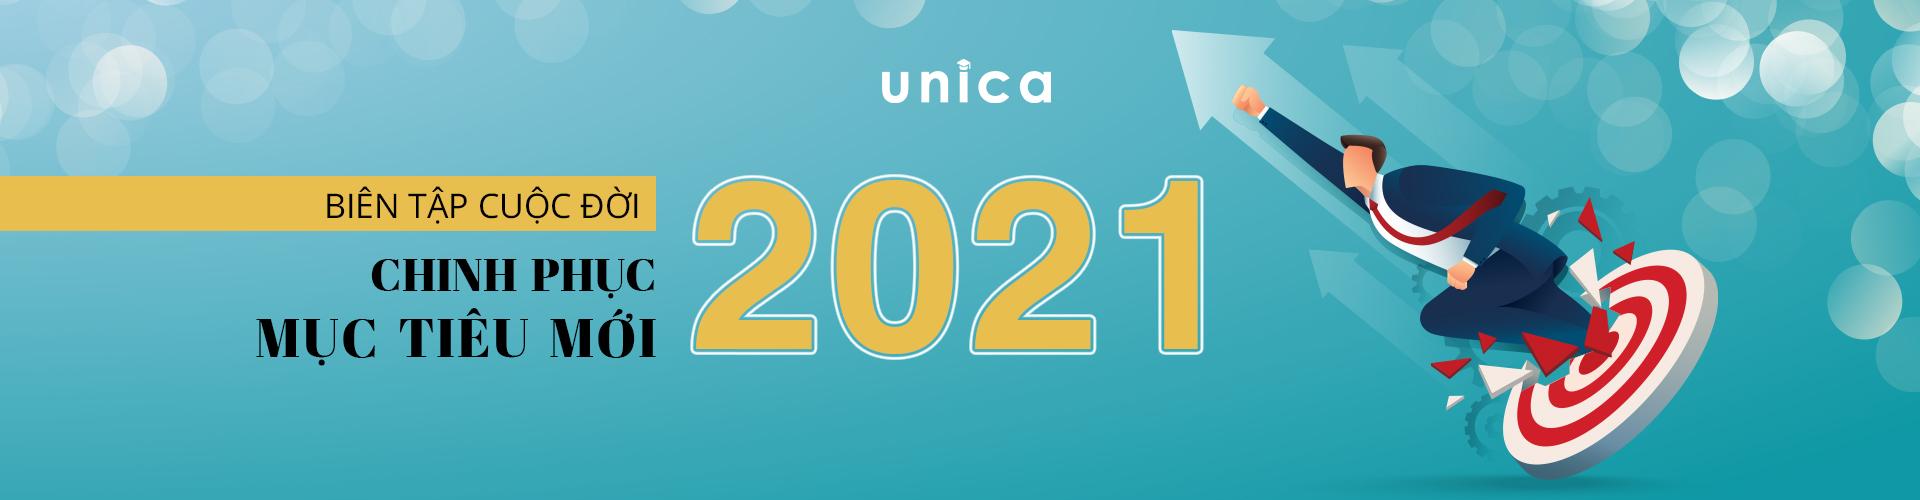 Chinh phục mục tiêu mới 2021